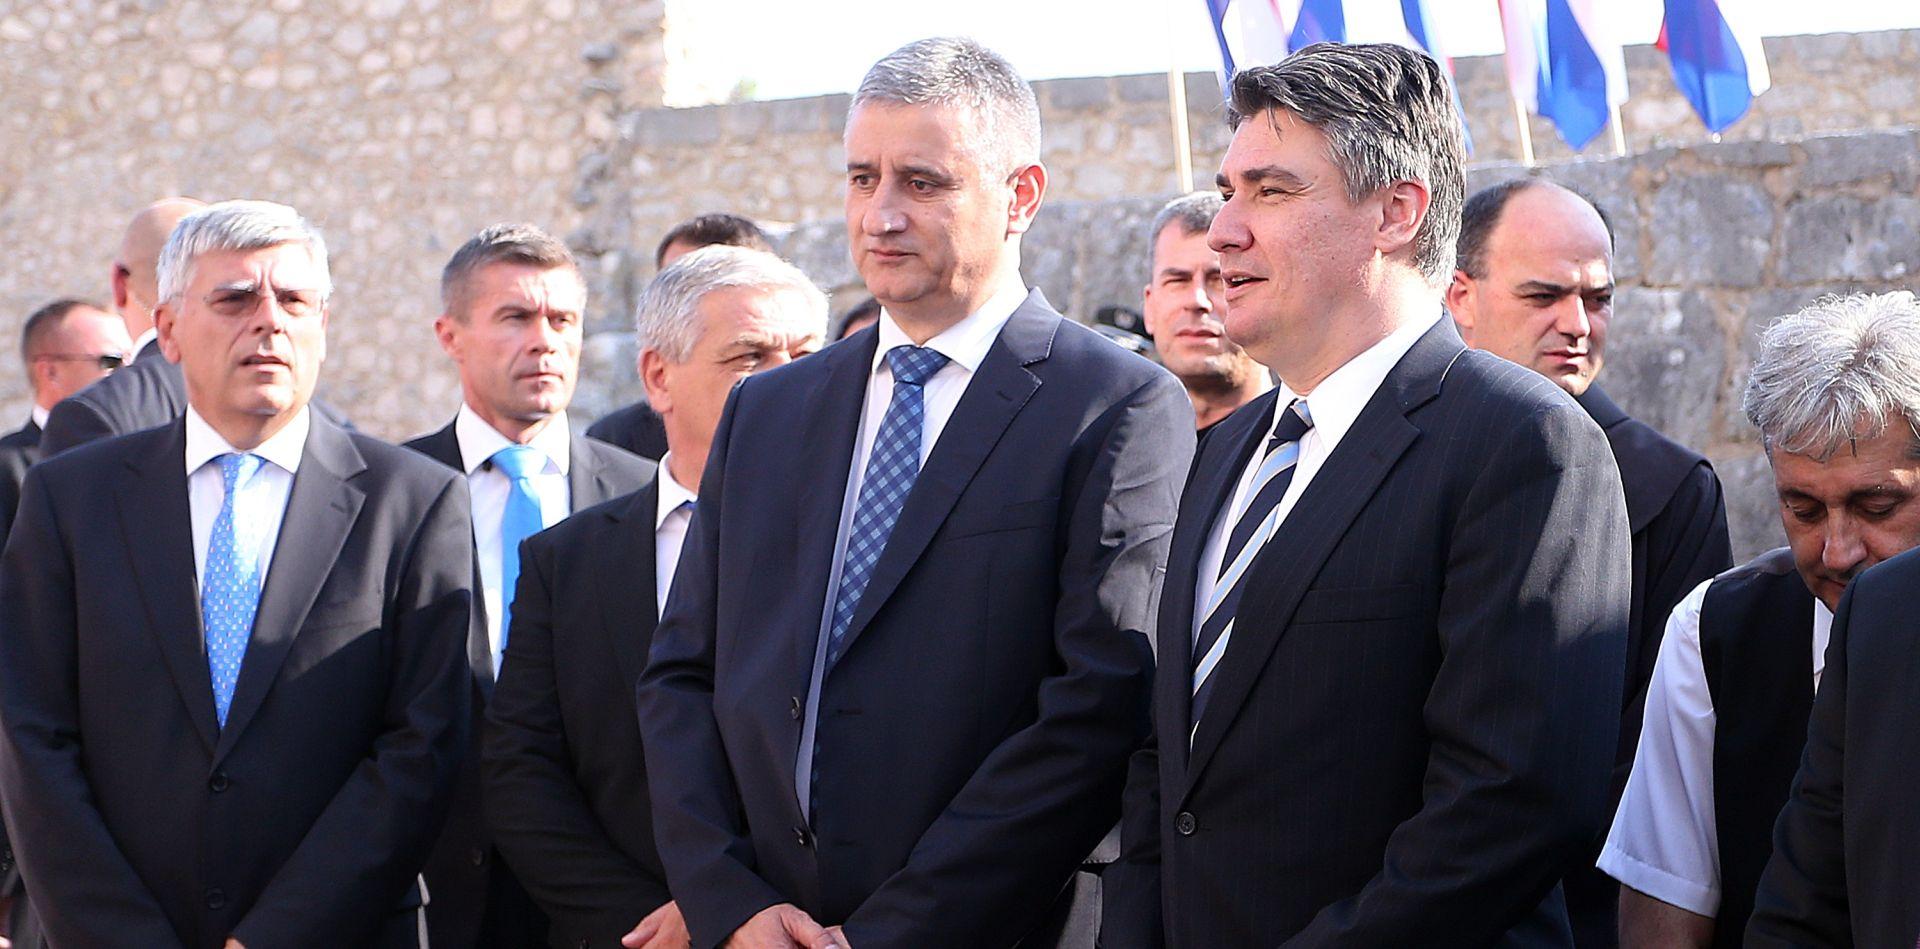 REZULTATI ANKETE Izbori će biti neizvjesni, SDP najbolji u I. izbornoj jedinici, ali HDZ odnosi ukupnu pobjedu?